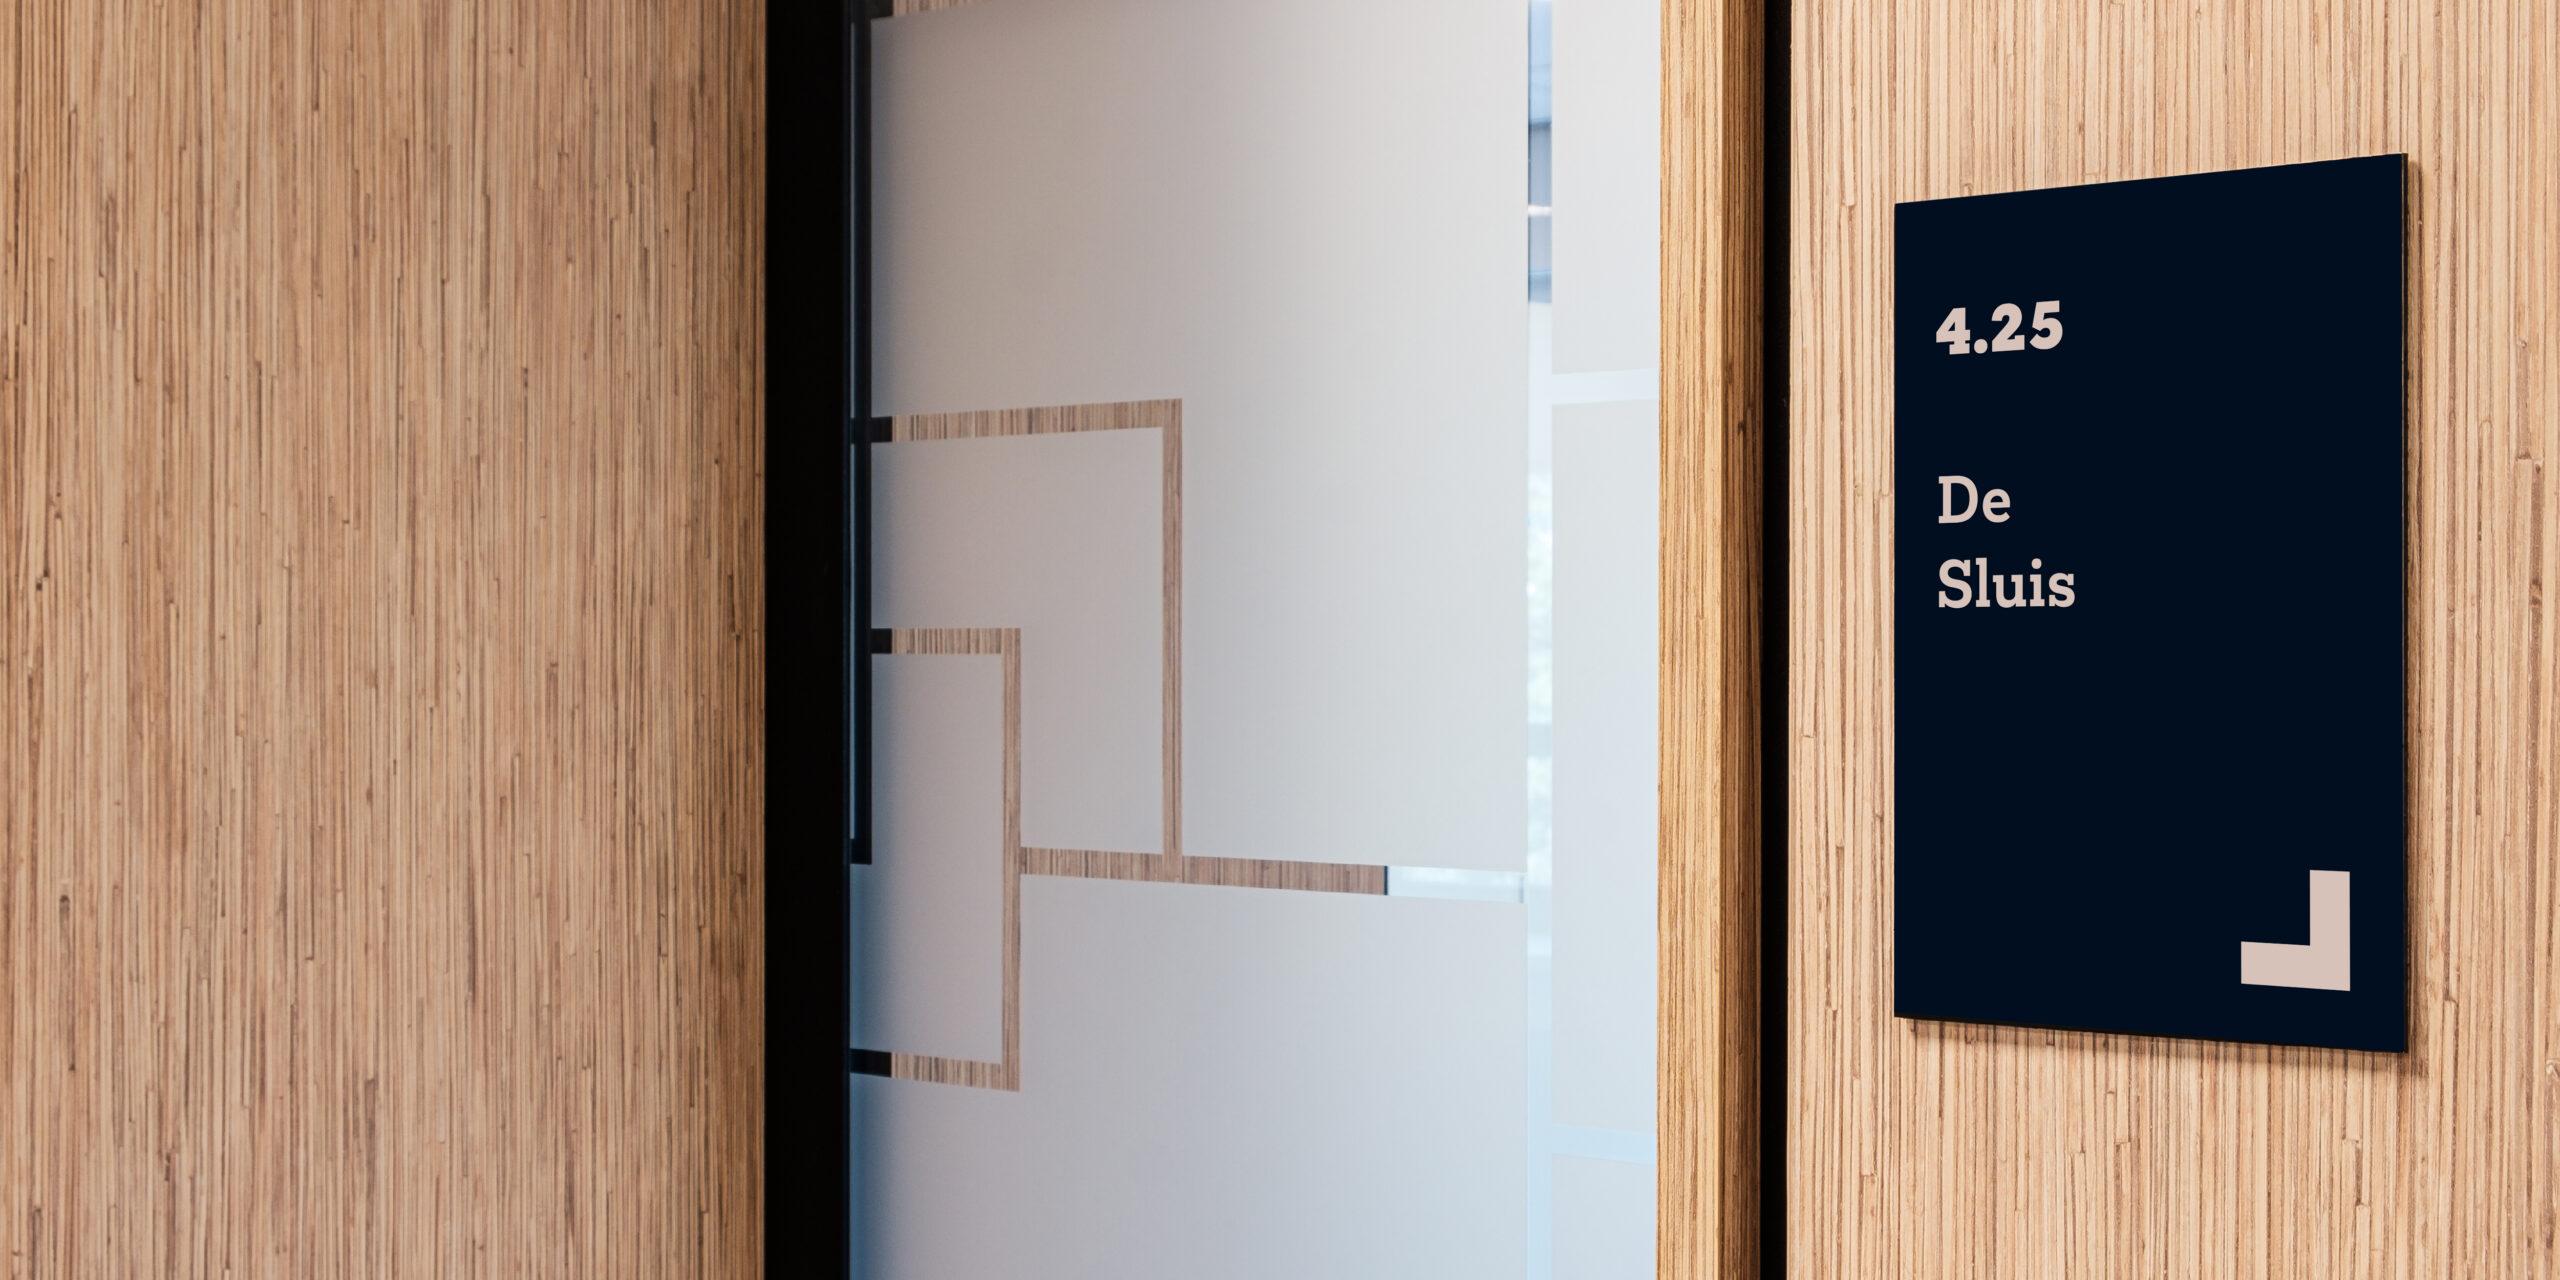 Inrichting: i.s.m. IAA Architecten, fotografie: Done. Tjeerd Derkink